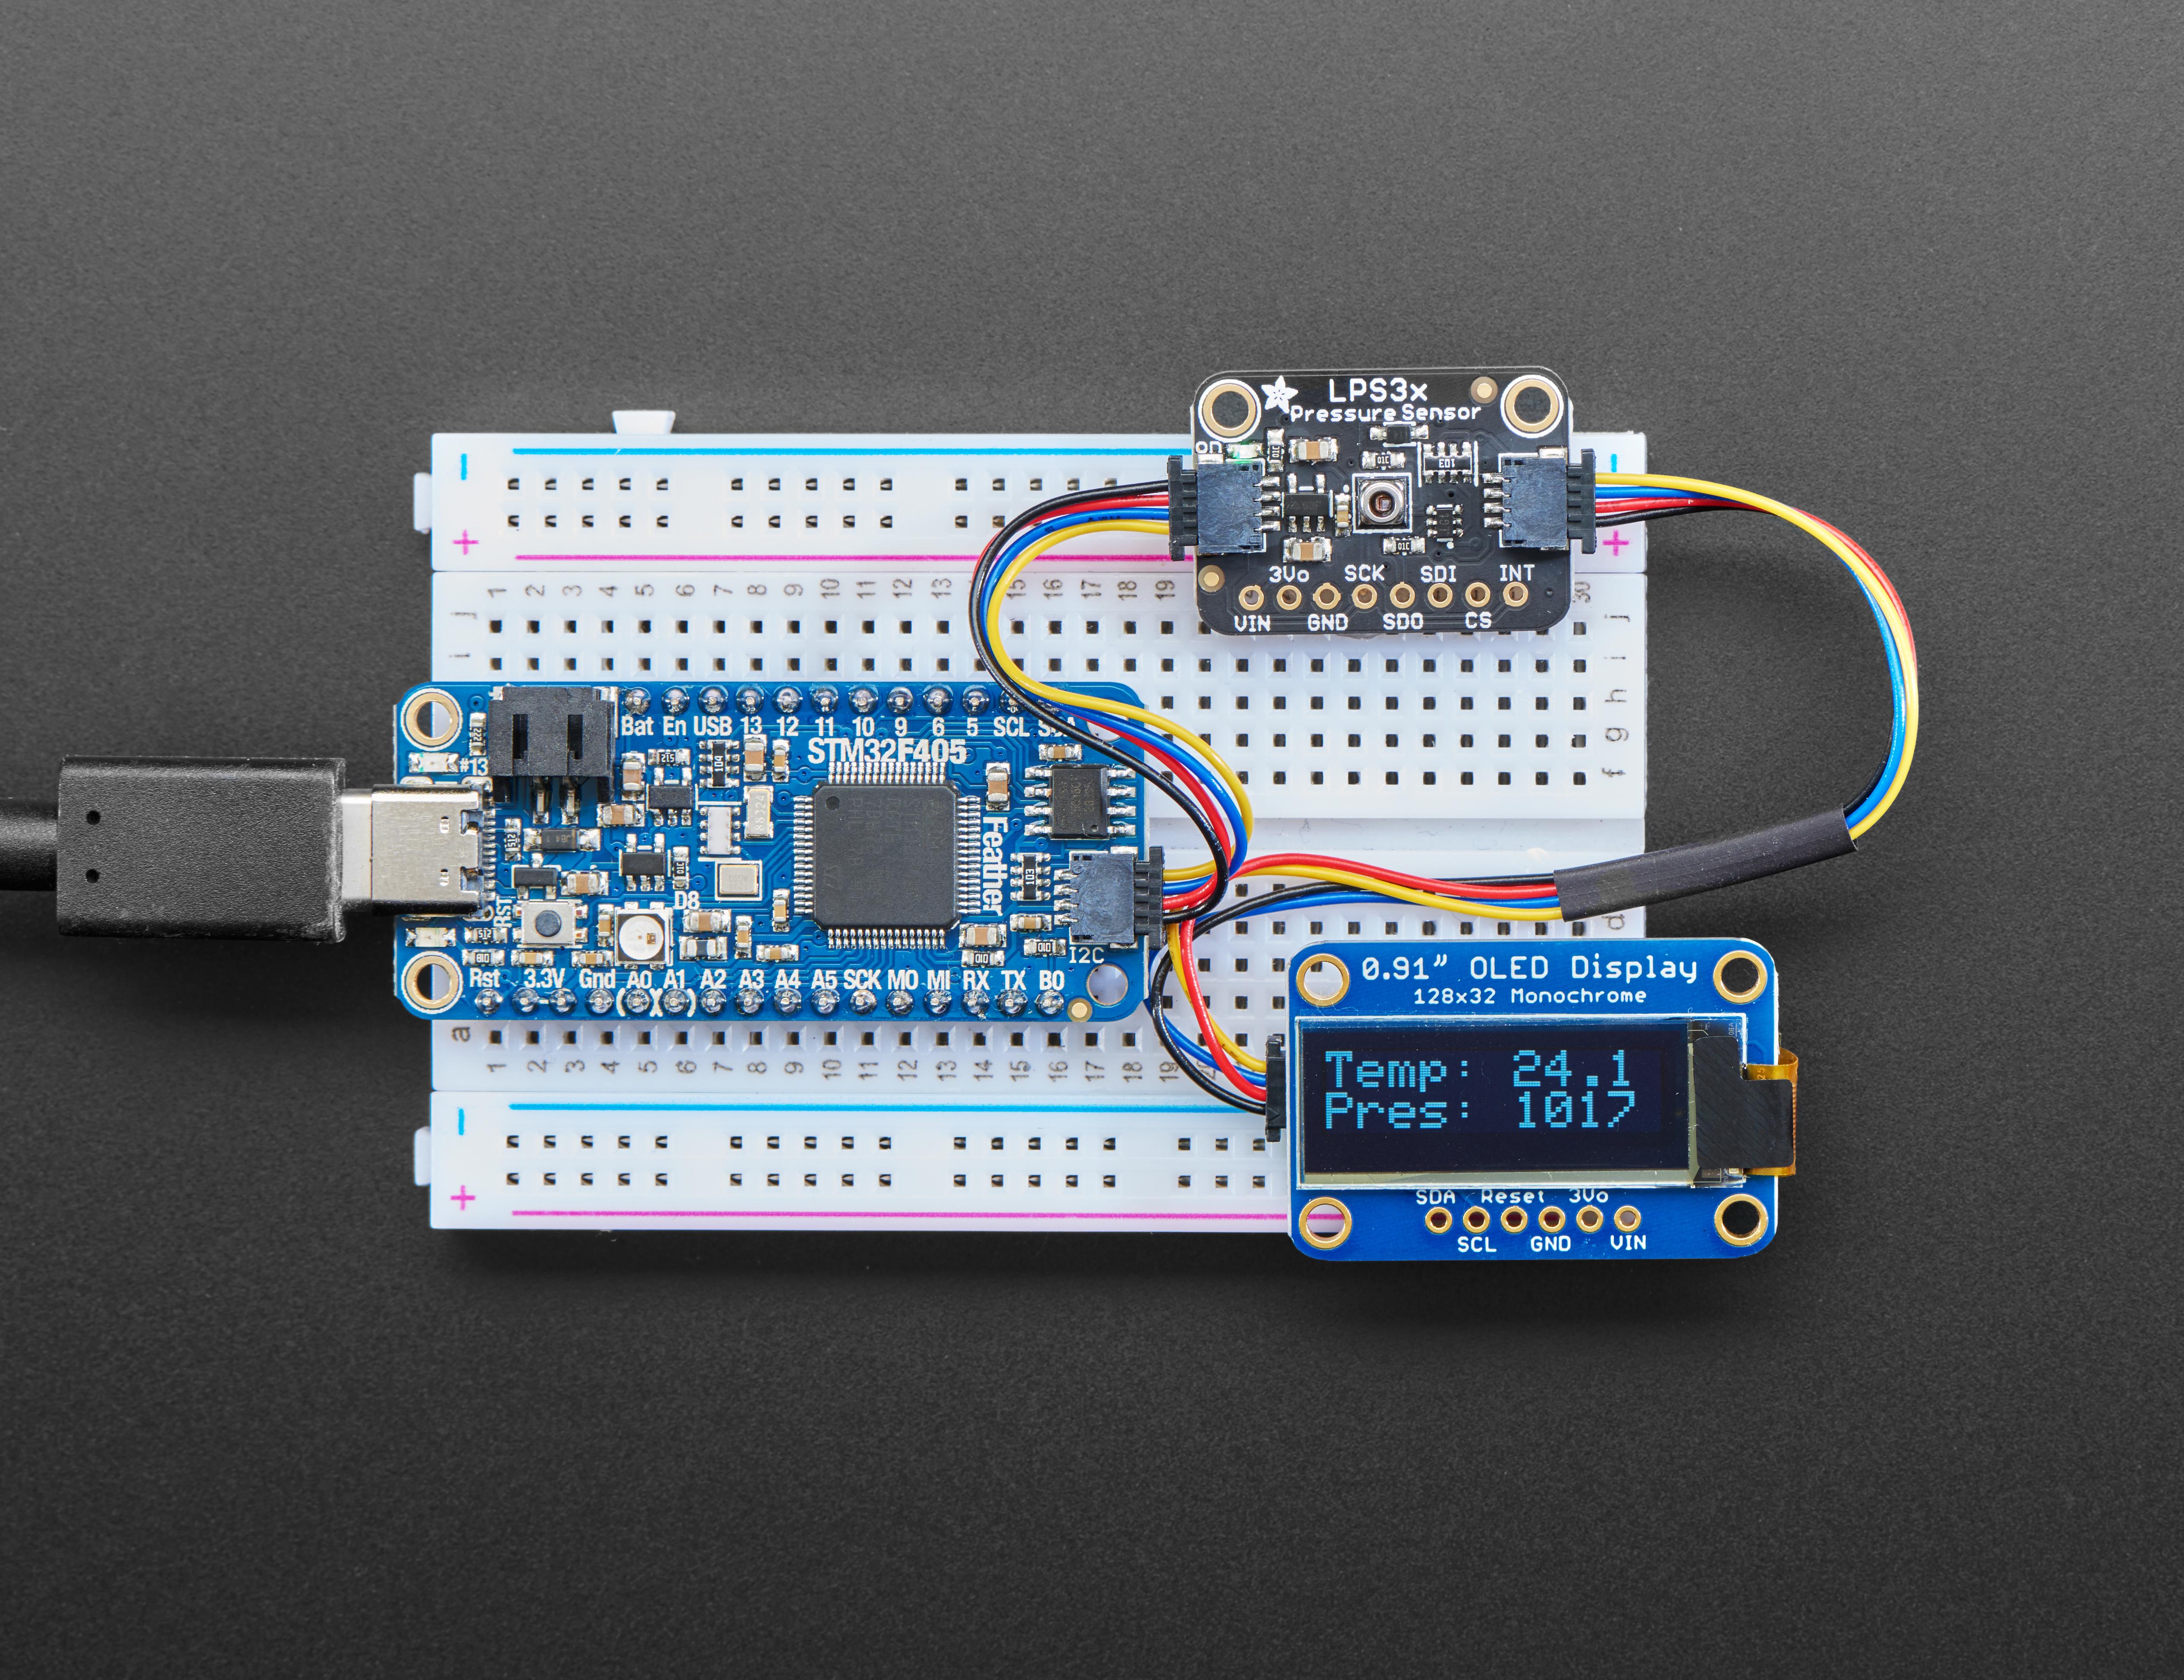 sensors_4414_demo_ORIG_2019_11.jpg